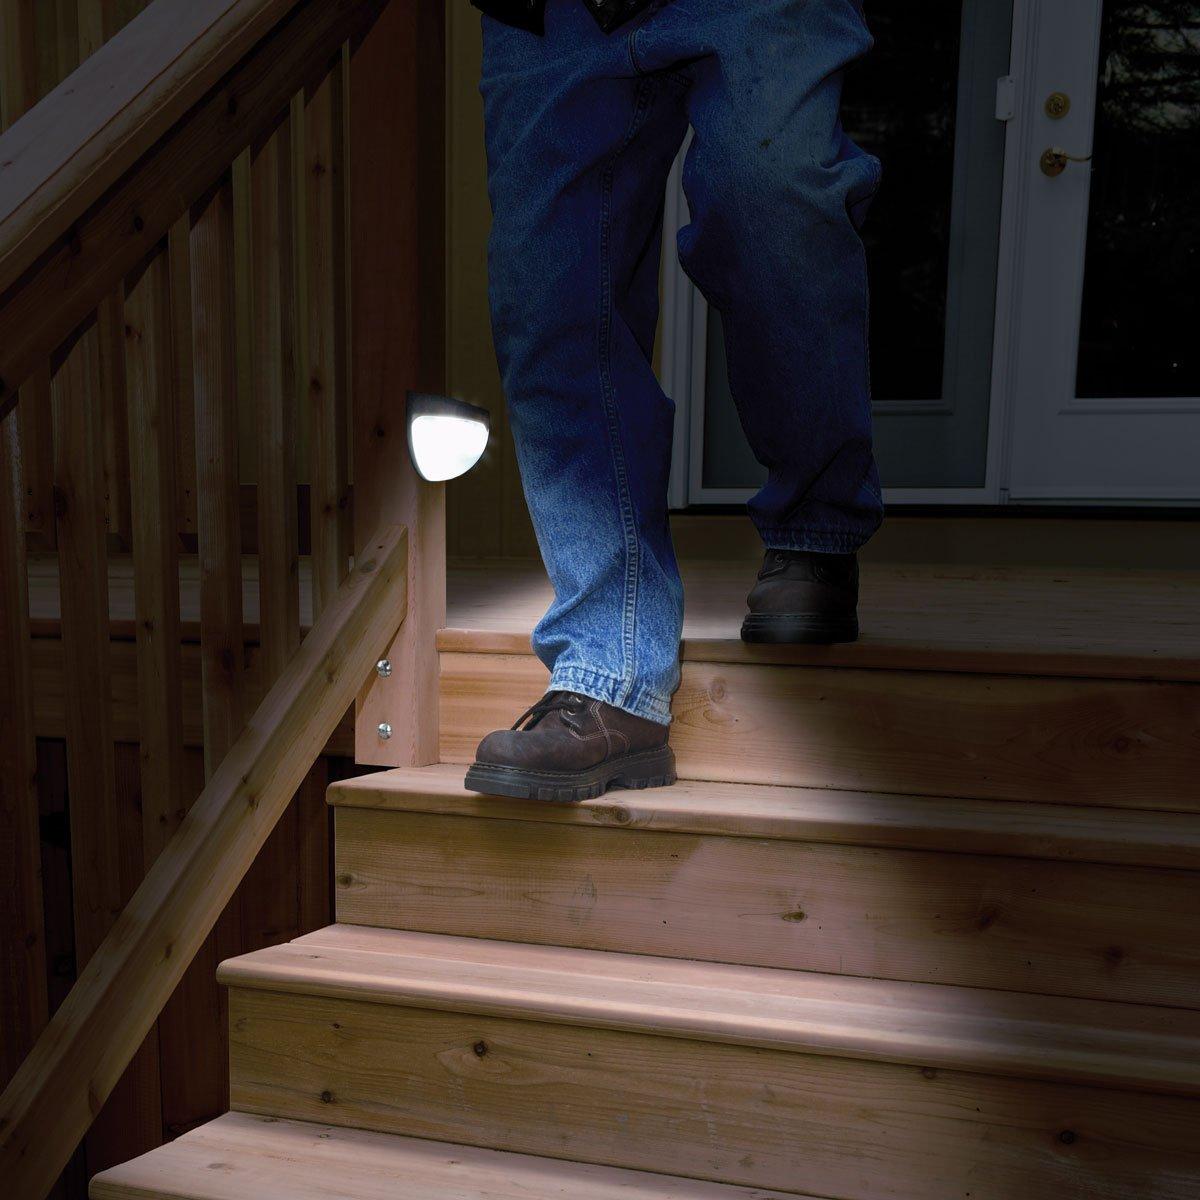 Solar Lights Outdoor, 2X Solar Step Light Powered Security Light, Light Sensation Wireless Waterproof Motion Sensor Solar Light, Outdoor Wall Light for Patio, Deck, Garden, Garage